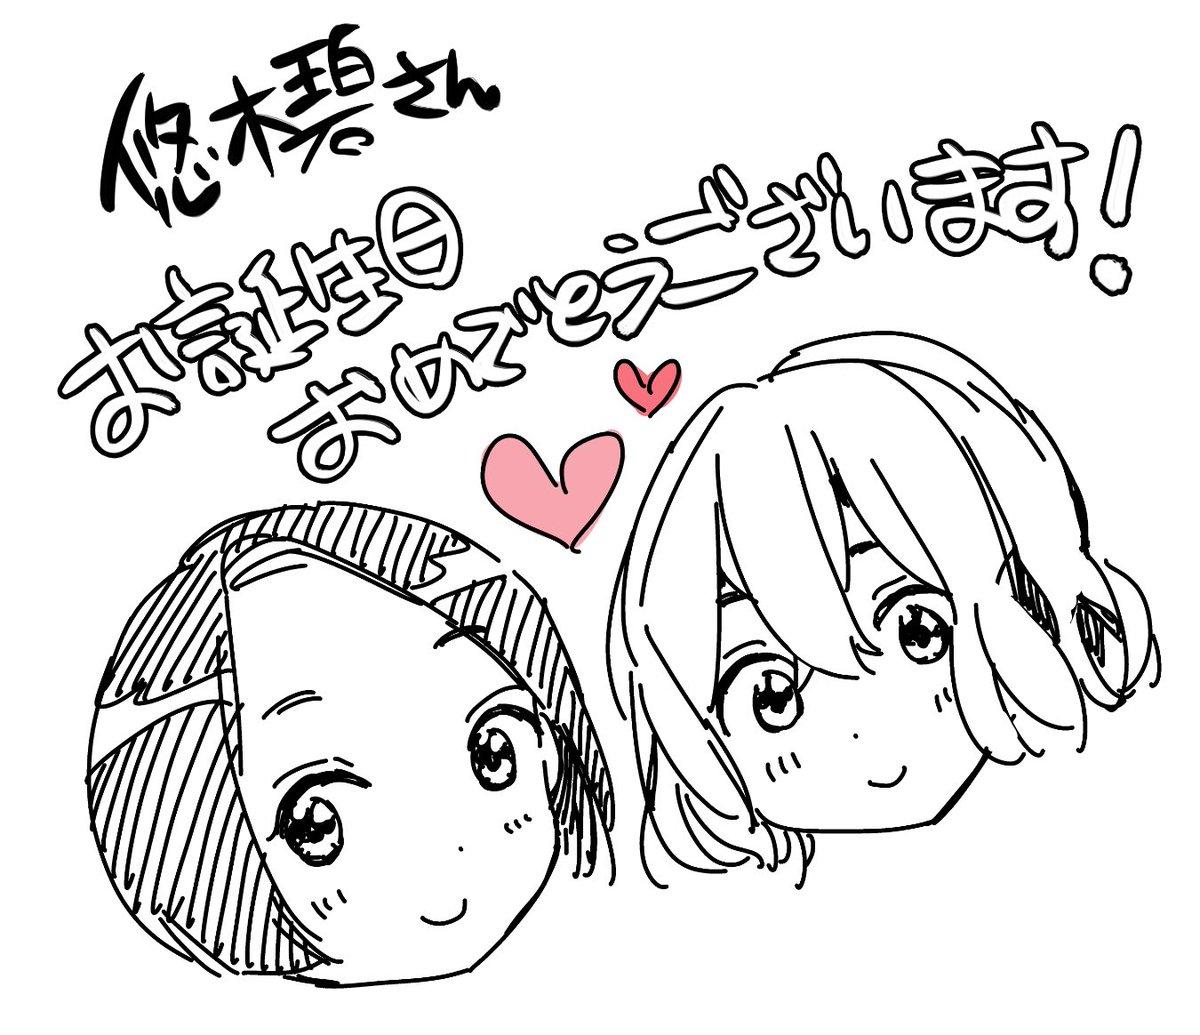 悠木碧さん誕生日おめでとう!最高の麻美を演じて頂いてます!!#悠木碧生誕祭2020